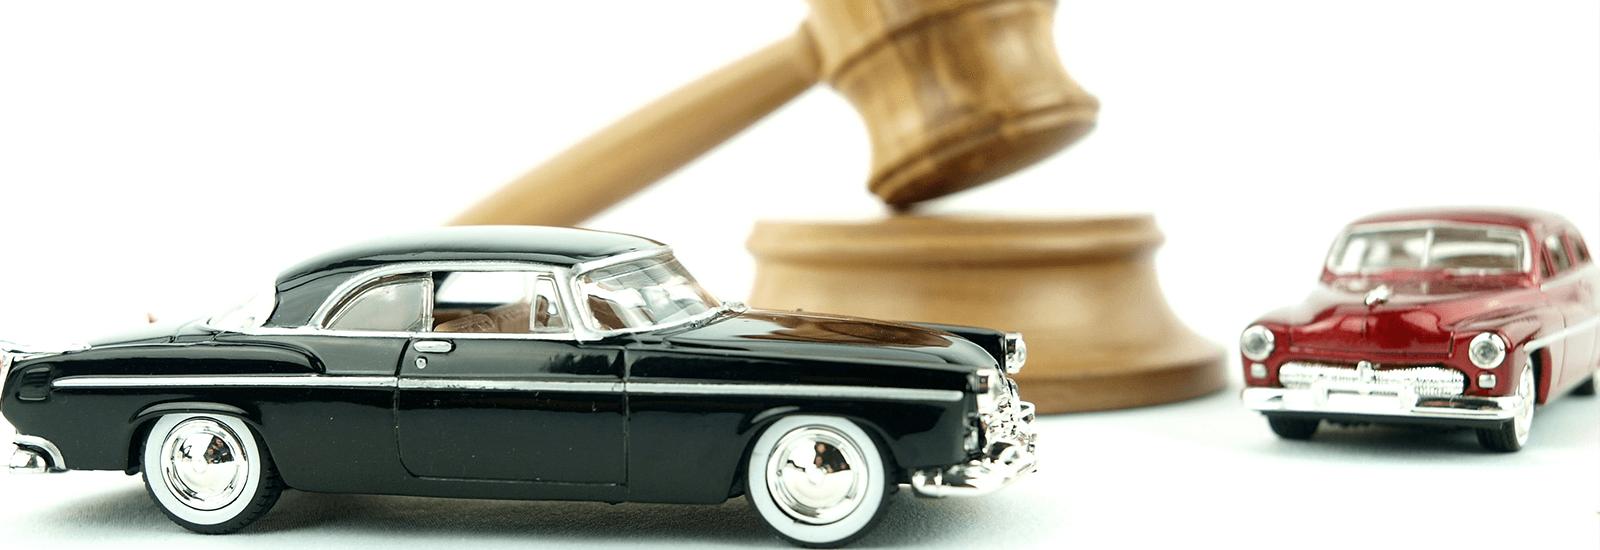 subasta-coche-comprar un coche